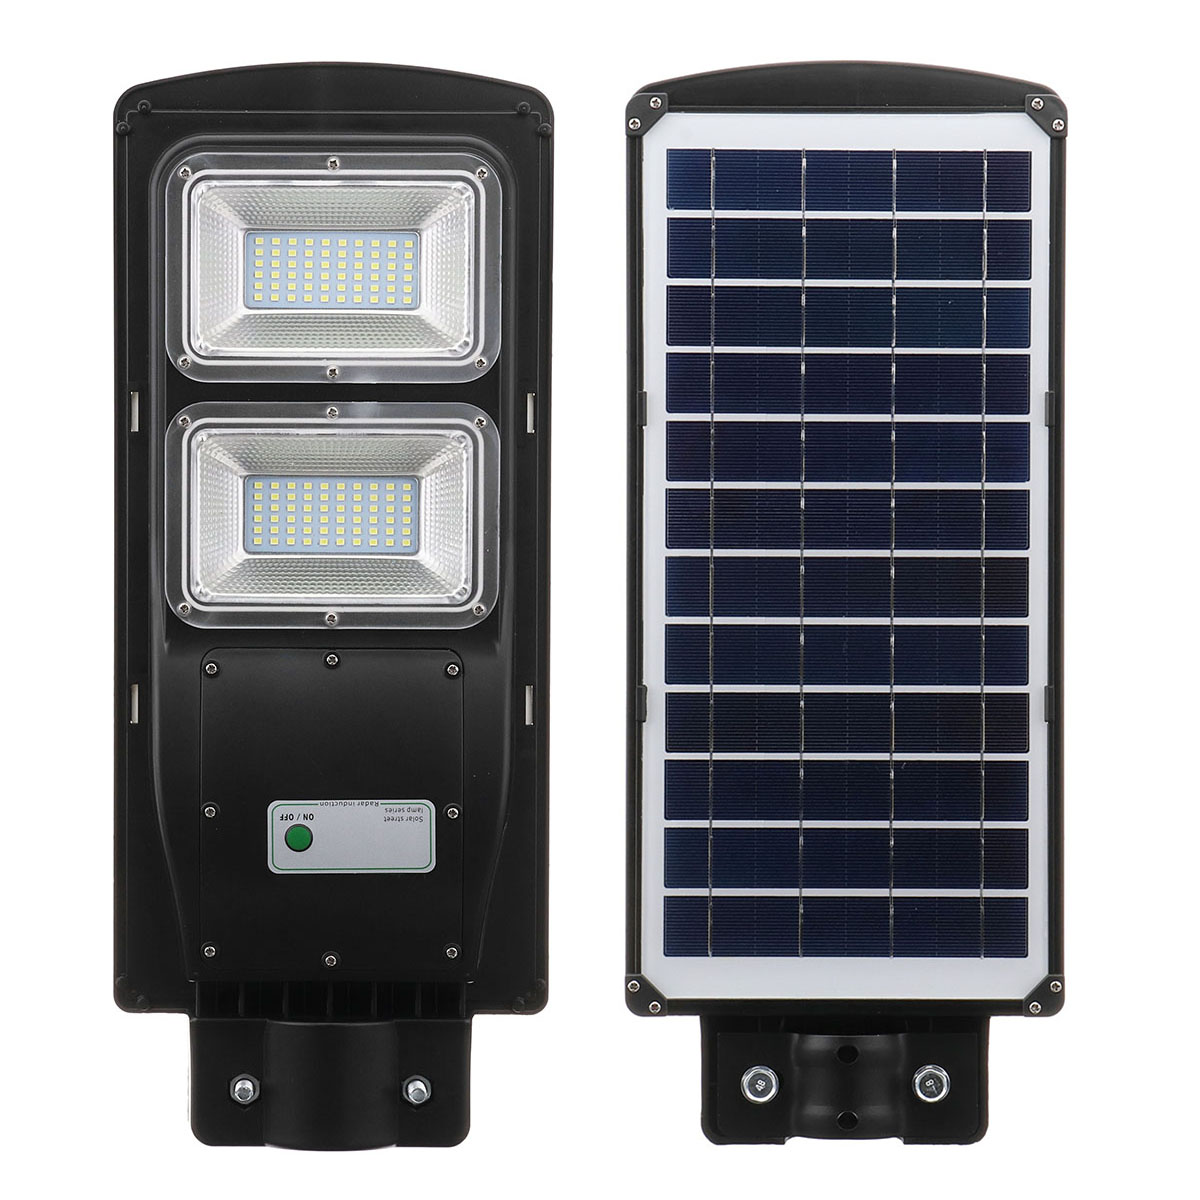 60W LED IP67 lampadaire solaire Radar avec capteur de mouvement PIR éclairage extérieur lampes murales paysage solaire jardin lumières